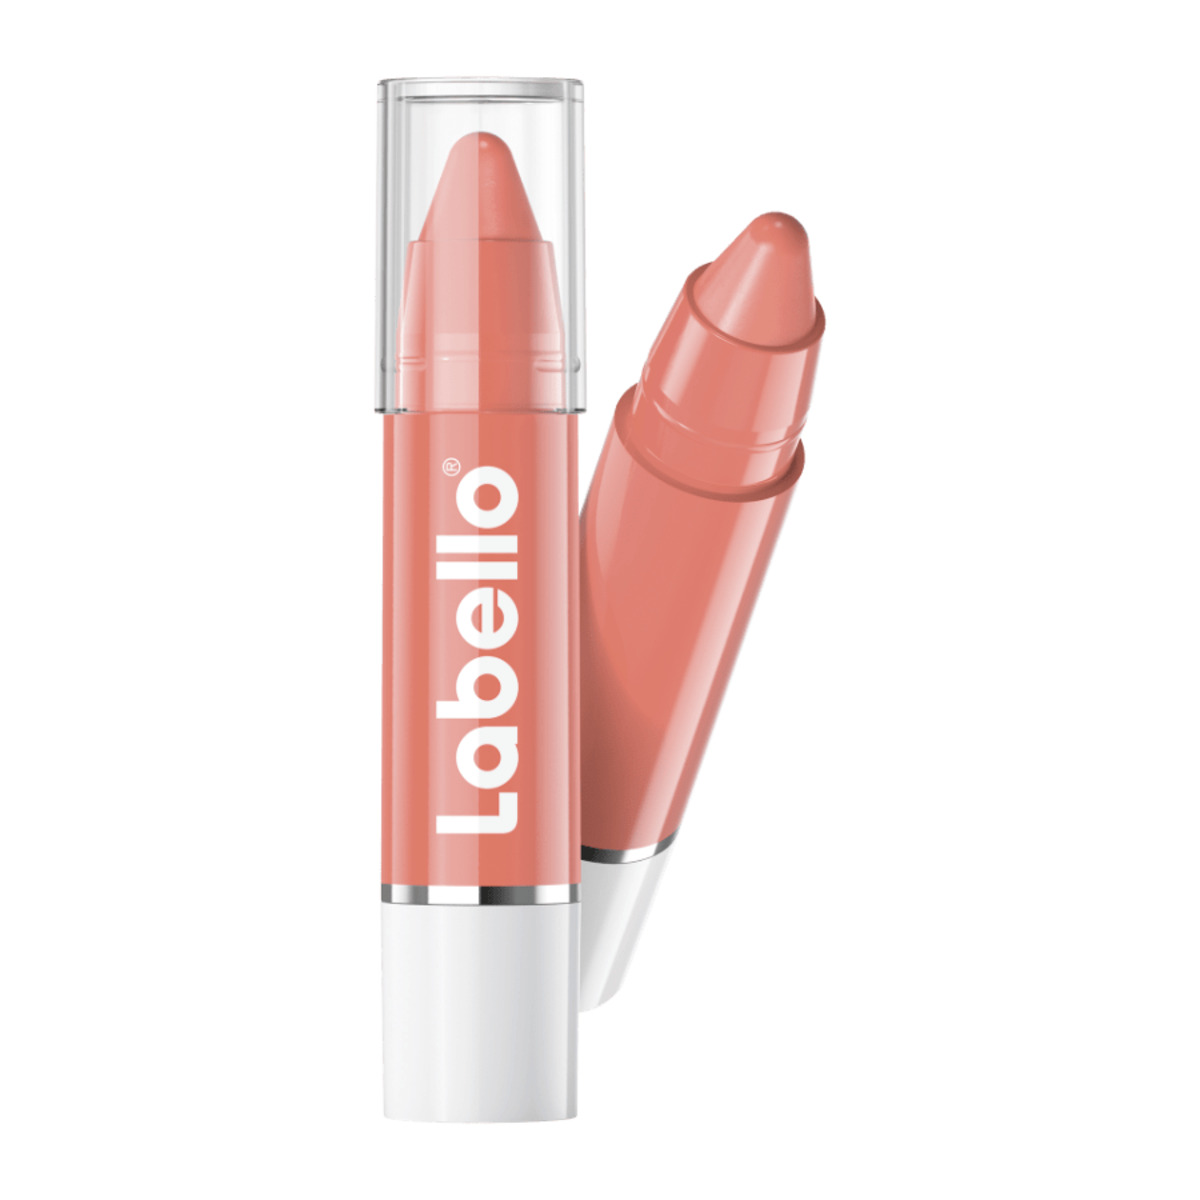 Bild 2 von Labello Lips 2 Kiss